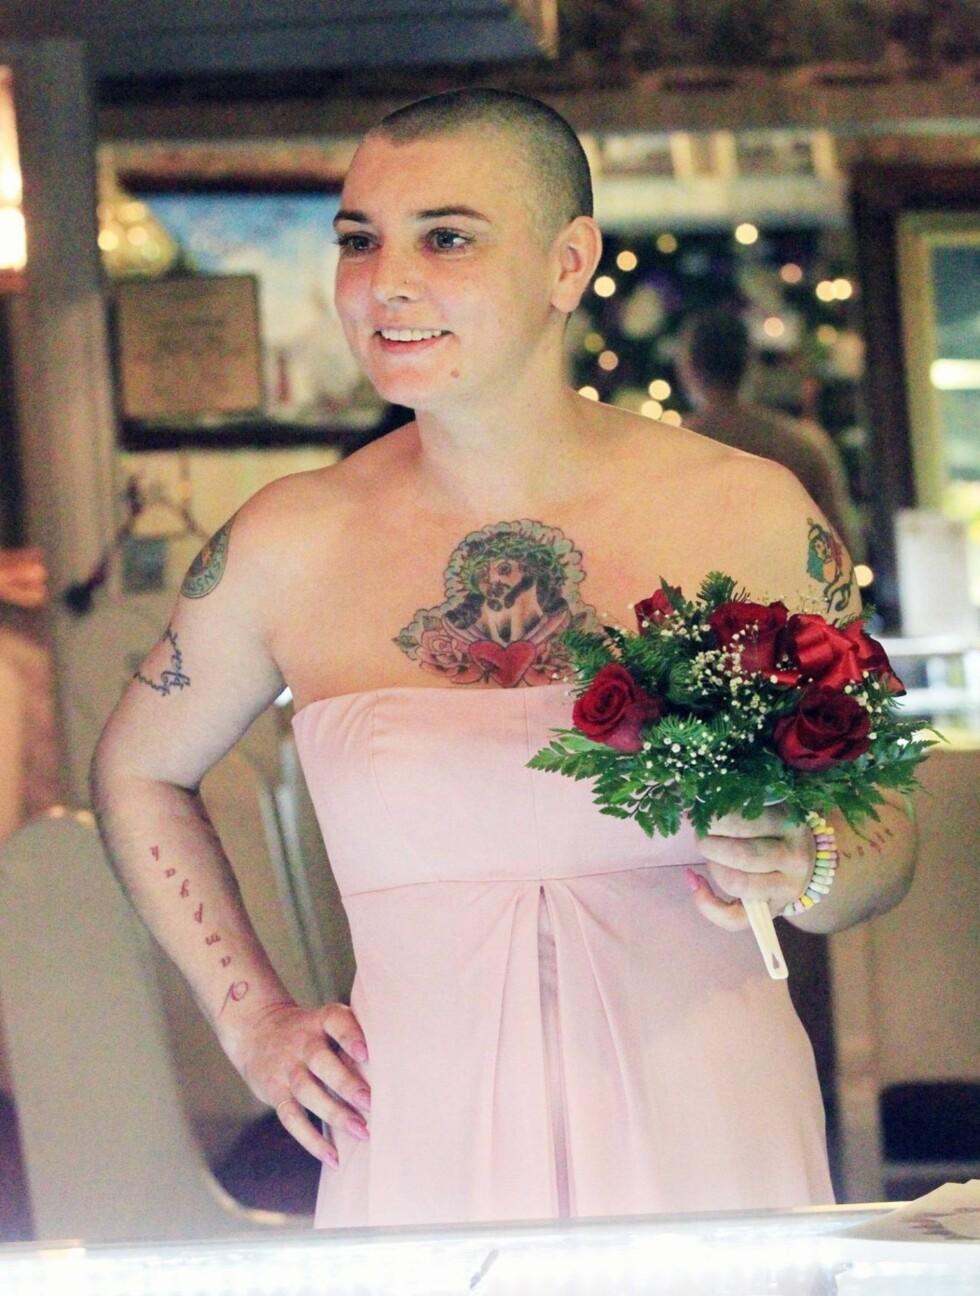 TYDELIG SPENT: Det er nemlig ikke hver dag man gifter seg i Las Vegas... Foto: All Over Press